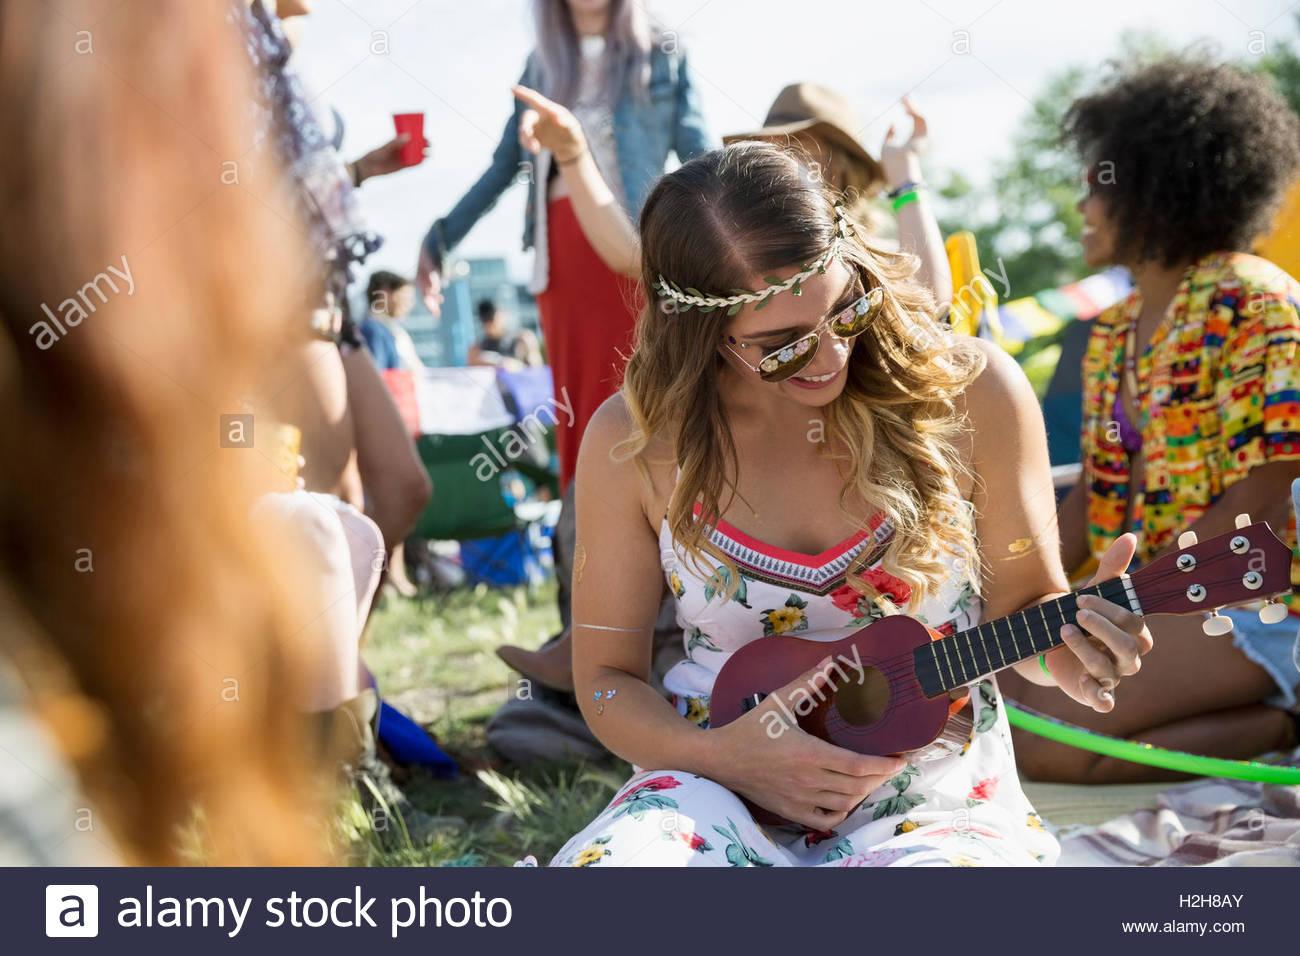 Giovane donna giocando ukulele al festival musicale estivo Campeggio Immagini Stock